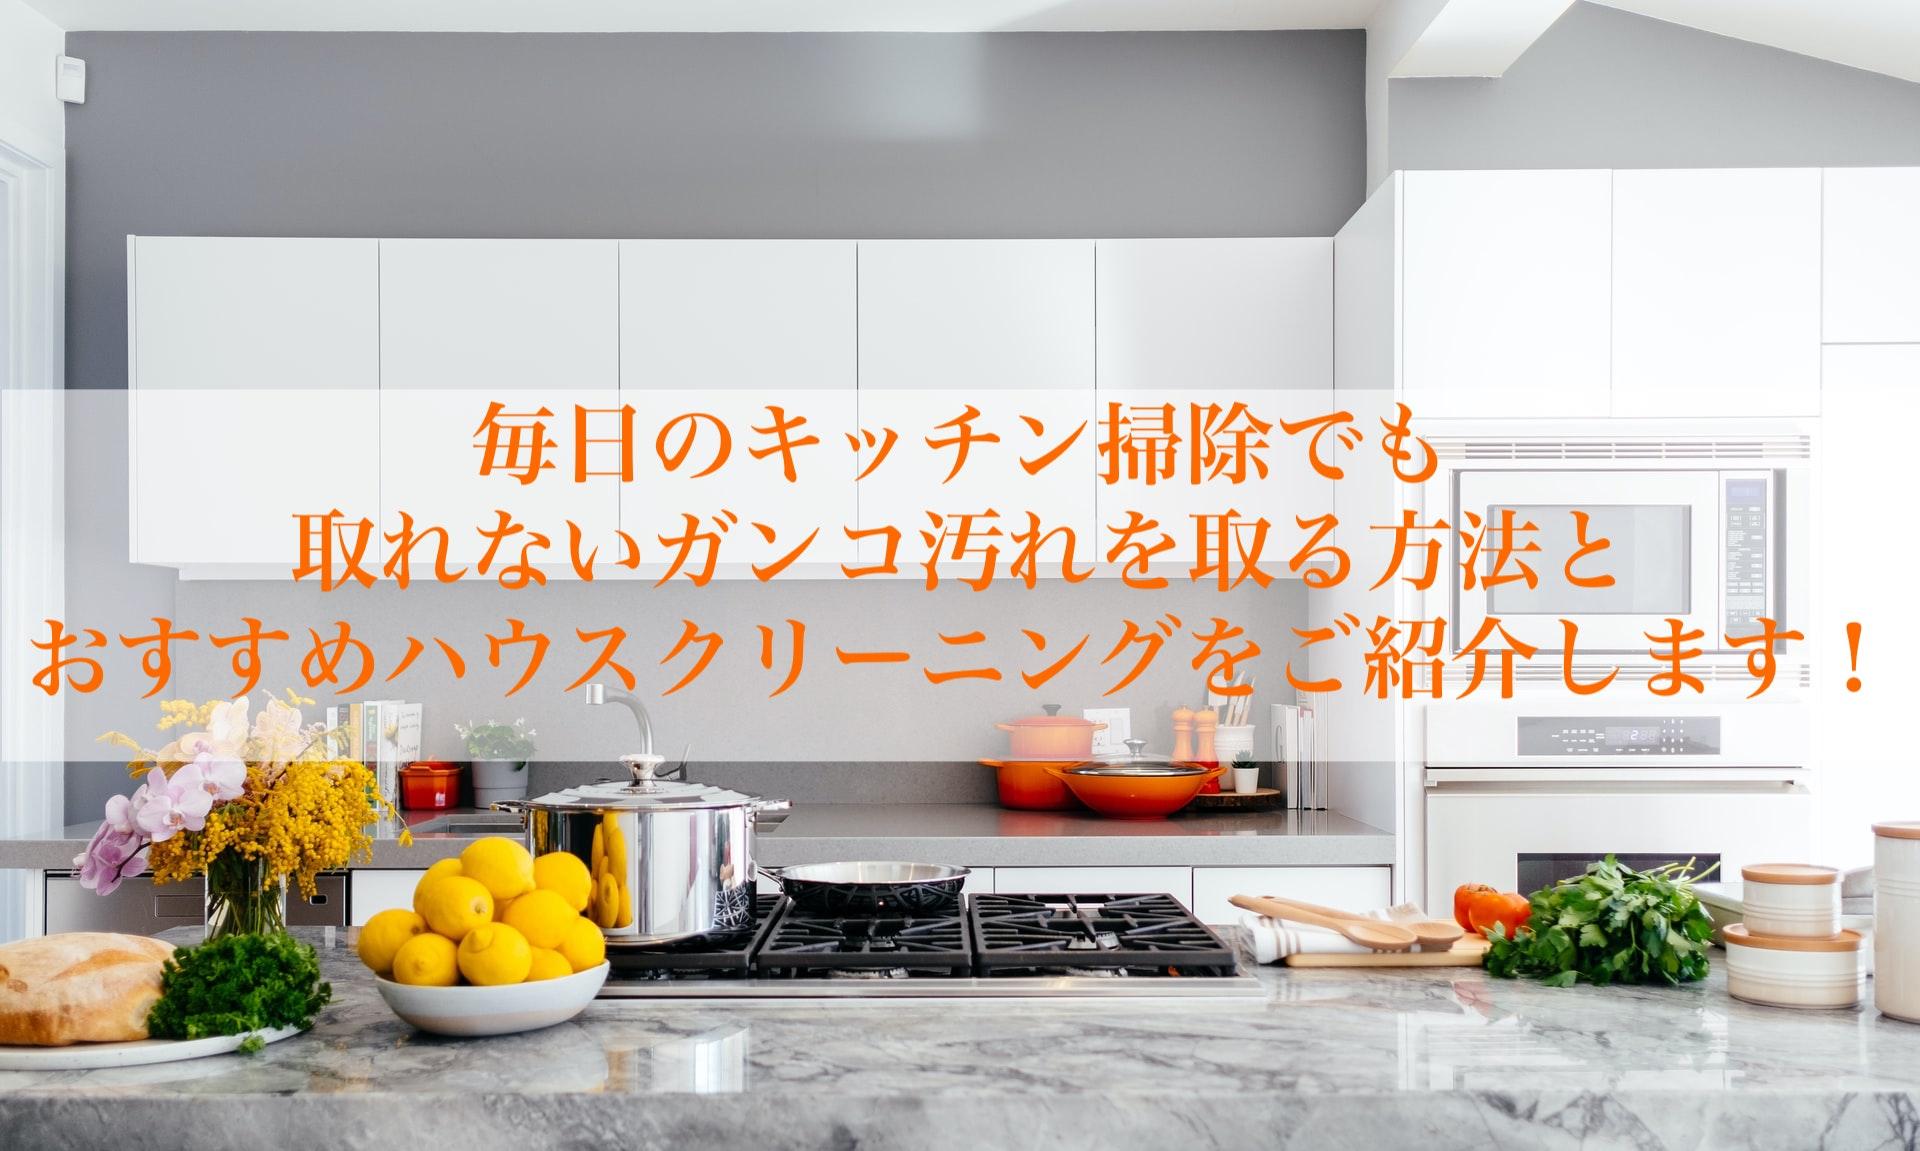 毎日のキッチン掃除でも 取れないガンコ汚れを取る方法と おすすめハウスクリーニングをご紹介します!